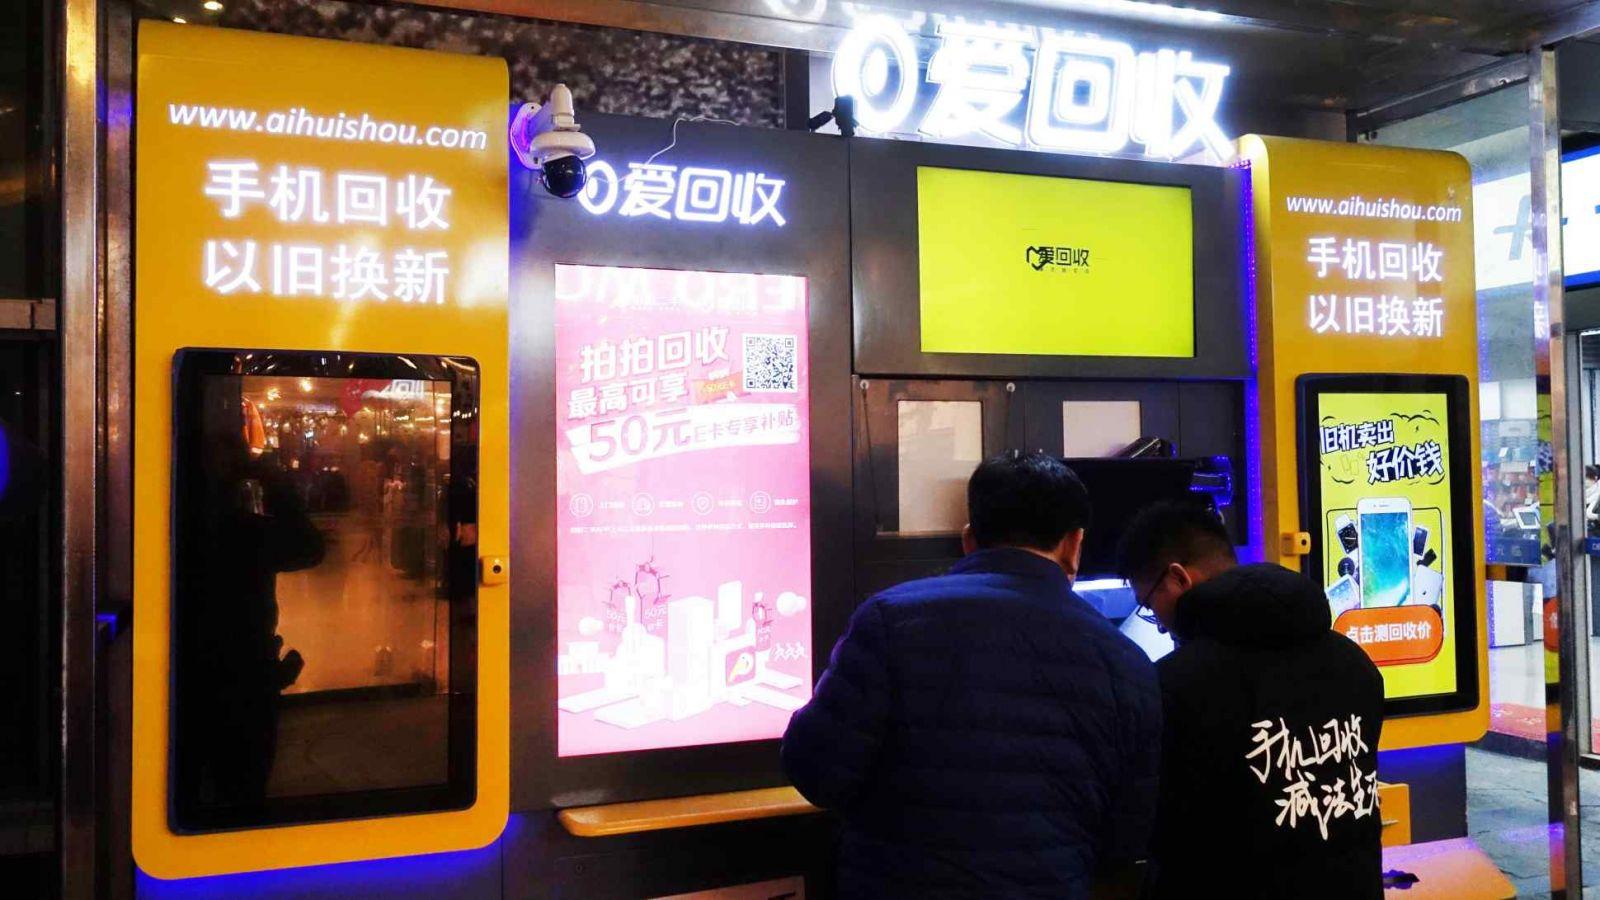 Cổ phiếu của AiHuiShou International, công ty vận hành một nền tảng trực tuyến để người tiêu dùng bán điện thoại thông minh đã qua sử dụng và các thiết bị điện tử khác, đã tăng 22,9% khi ra mắt trên NYSE vào thứ Sáu ngay cả khi thị trường rộng lớn hơn giảm. © AP